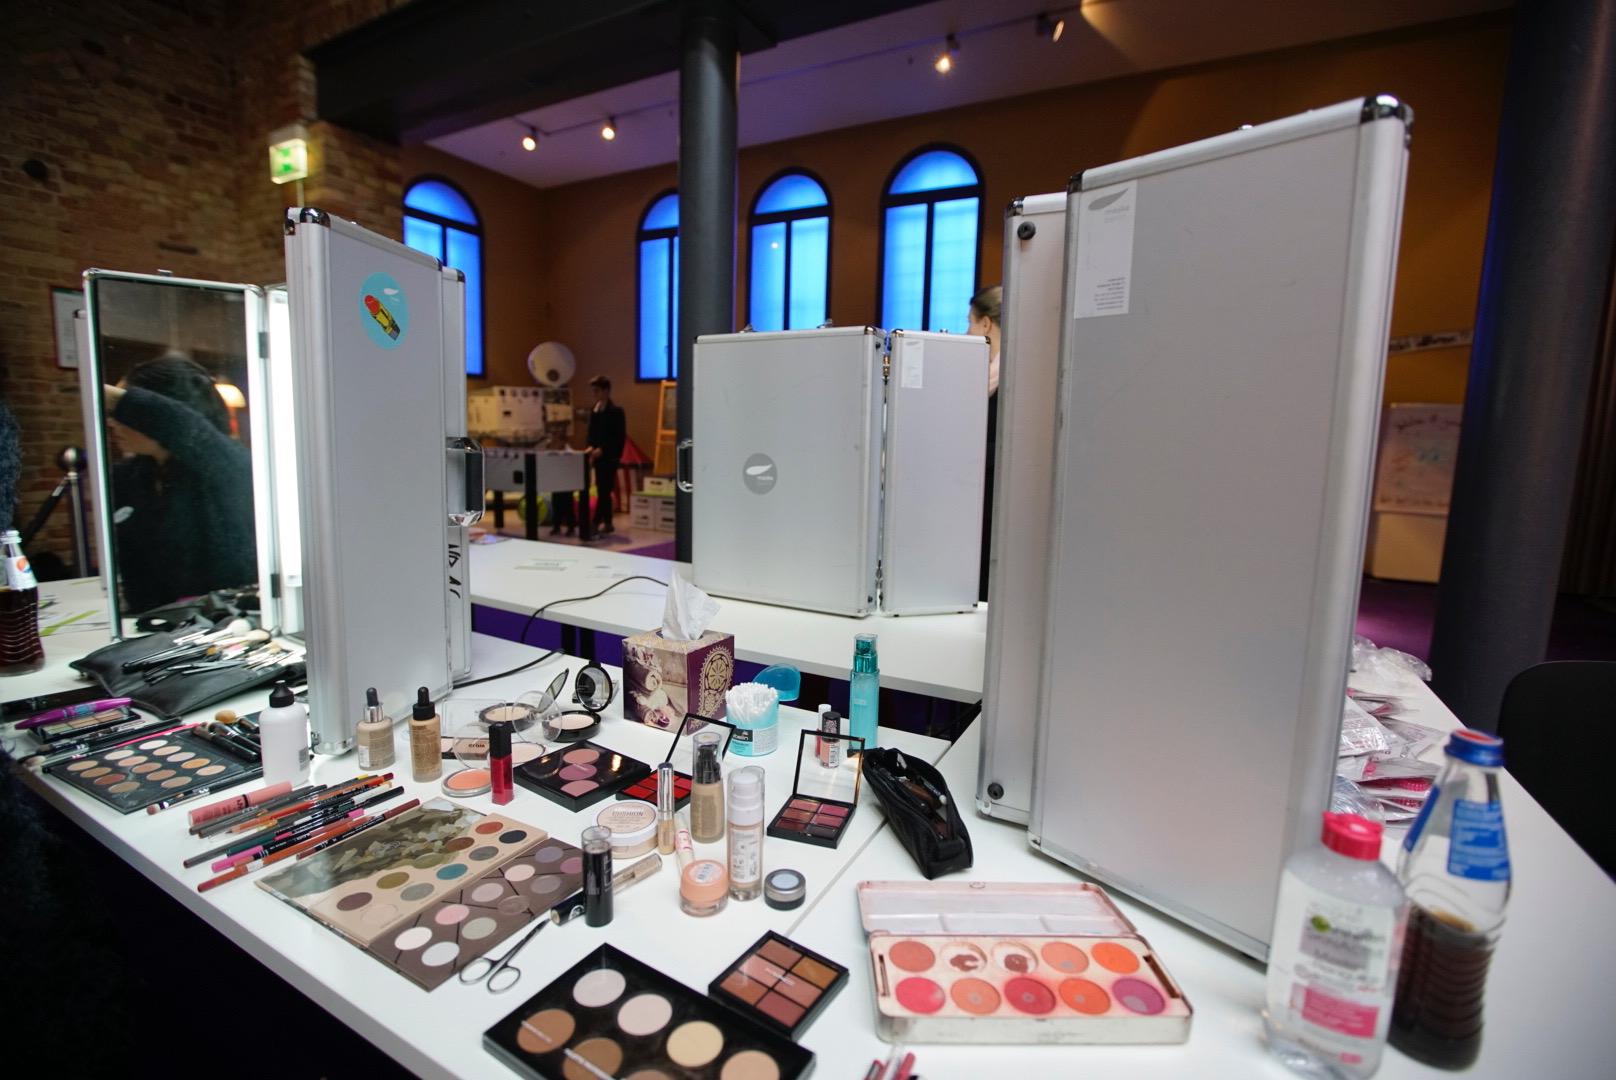 Das Jahr geht dem Ende entgegen und Ihr Team braucht eine Beauty-Auszeit? Dann ist ein verwöhnendes Make-up Event genau das Richtige für's kleine Team.